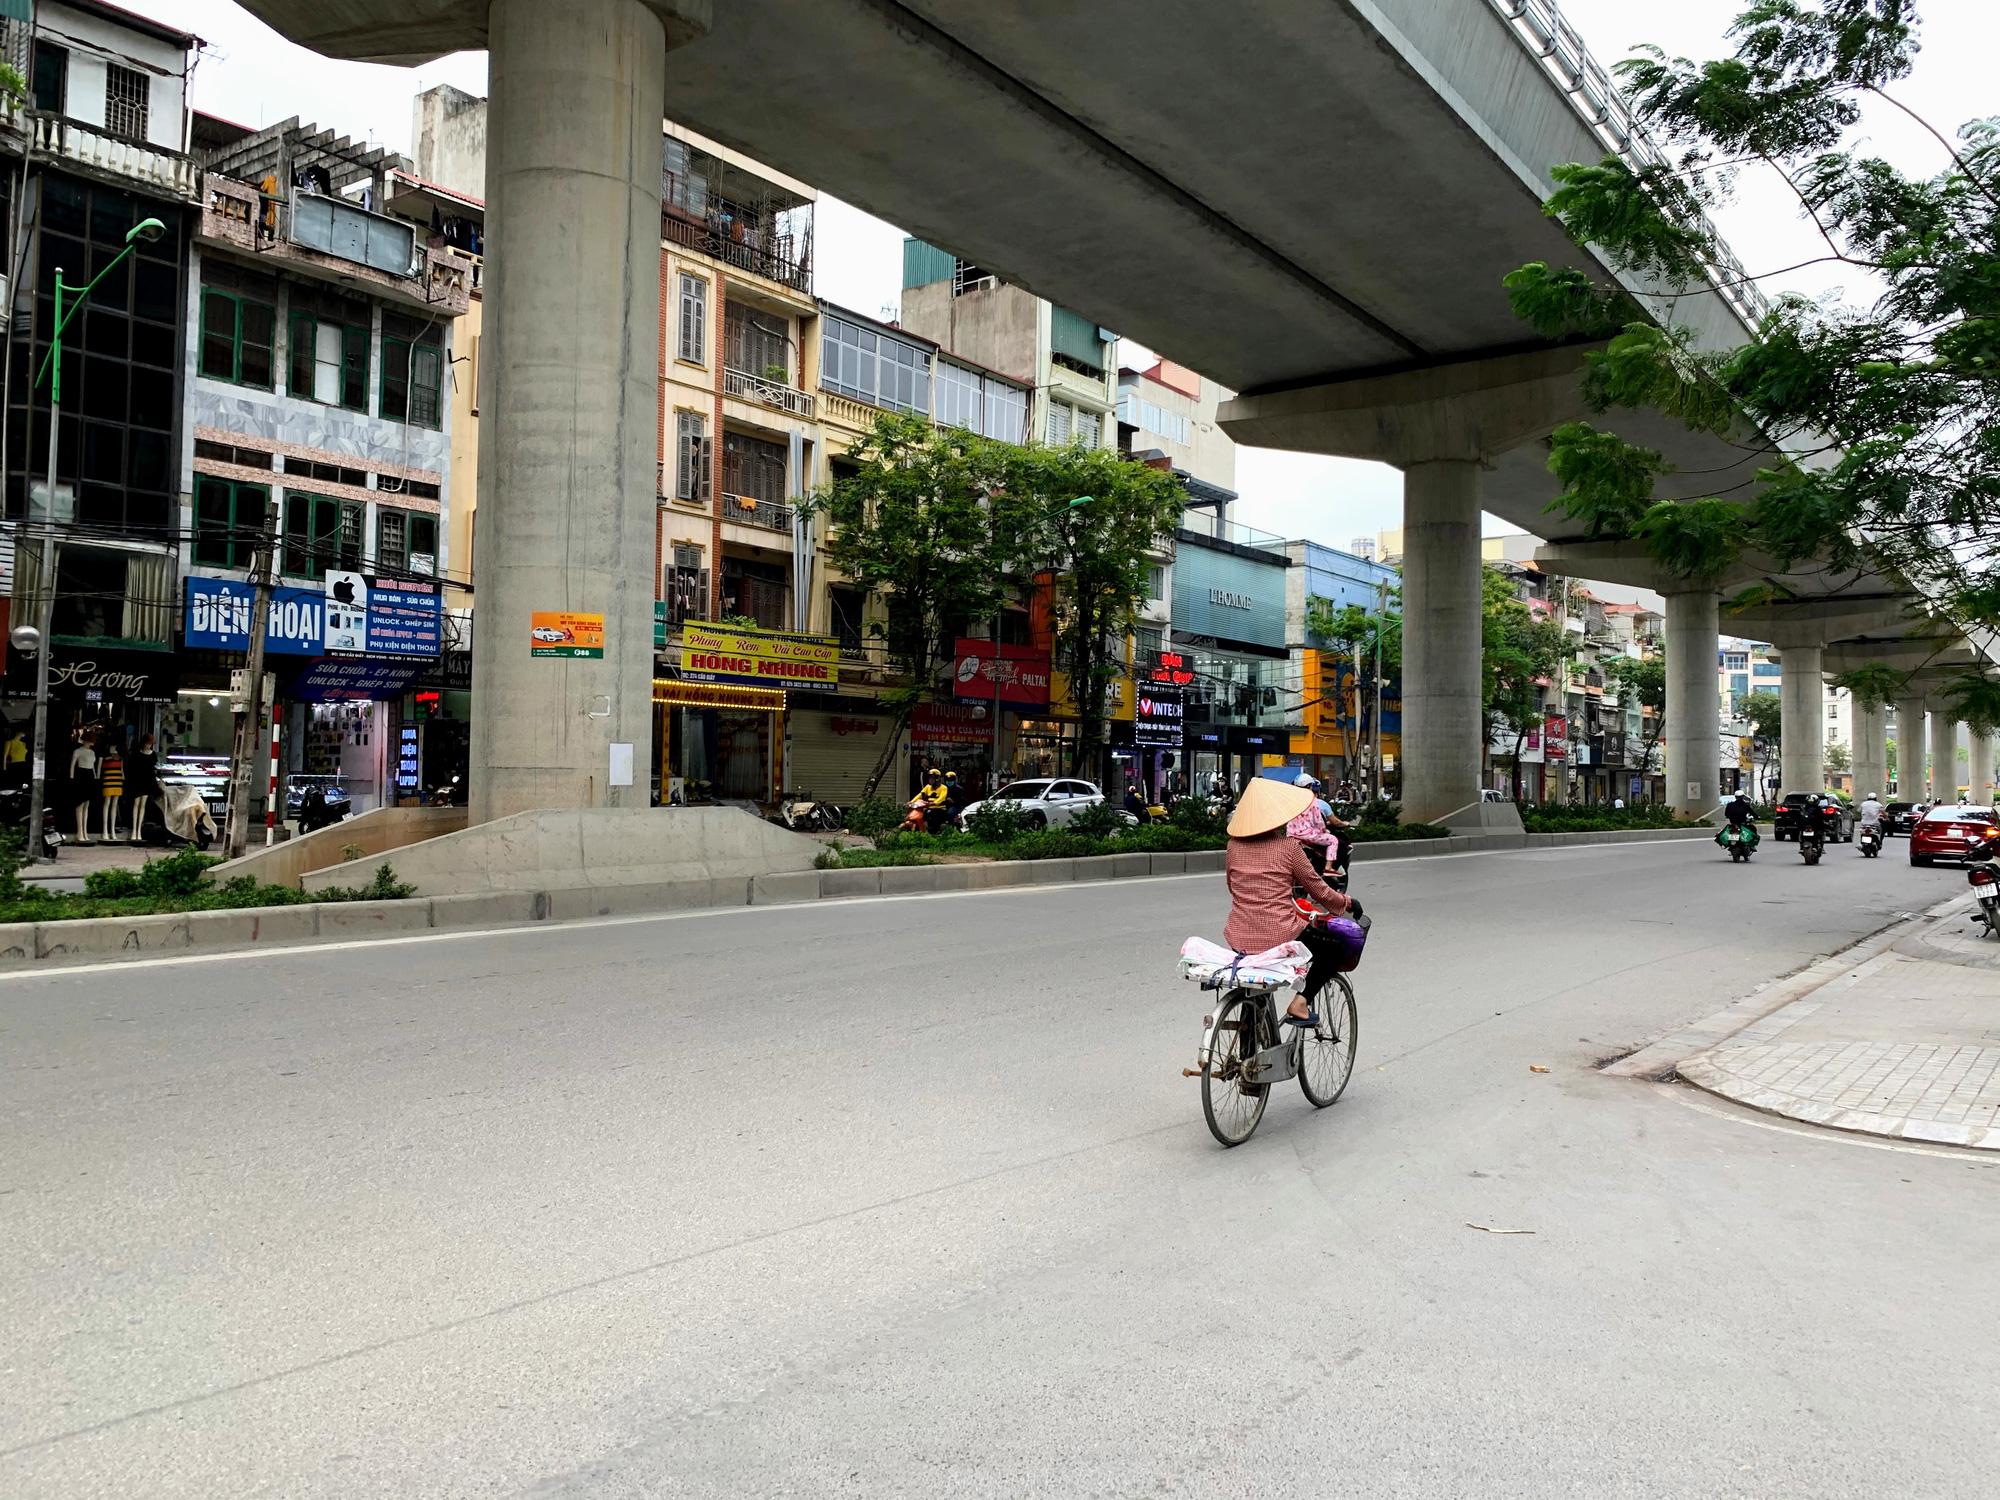 Cận cảnh ngày đầu chống dịch ở Hà Nội: Các cơ sở dịch vụ đóng cửa, siêu thị tiếp tục hoạt động, hàng hoá đầy ăm ắp vắng người mua - Ảnh 1.